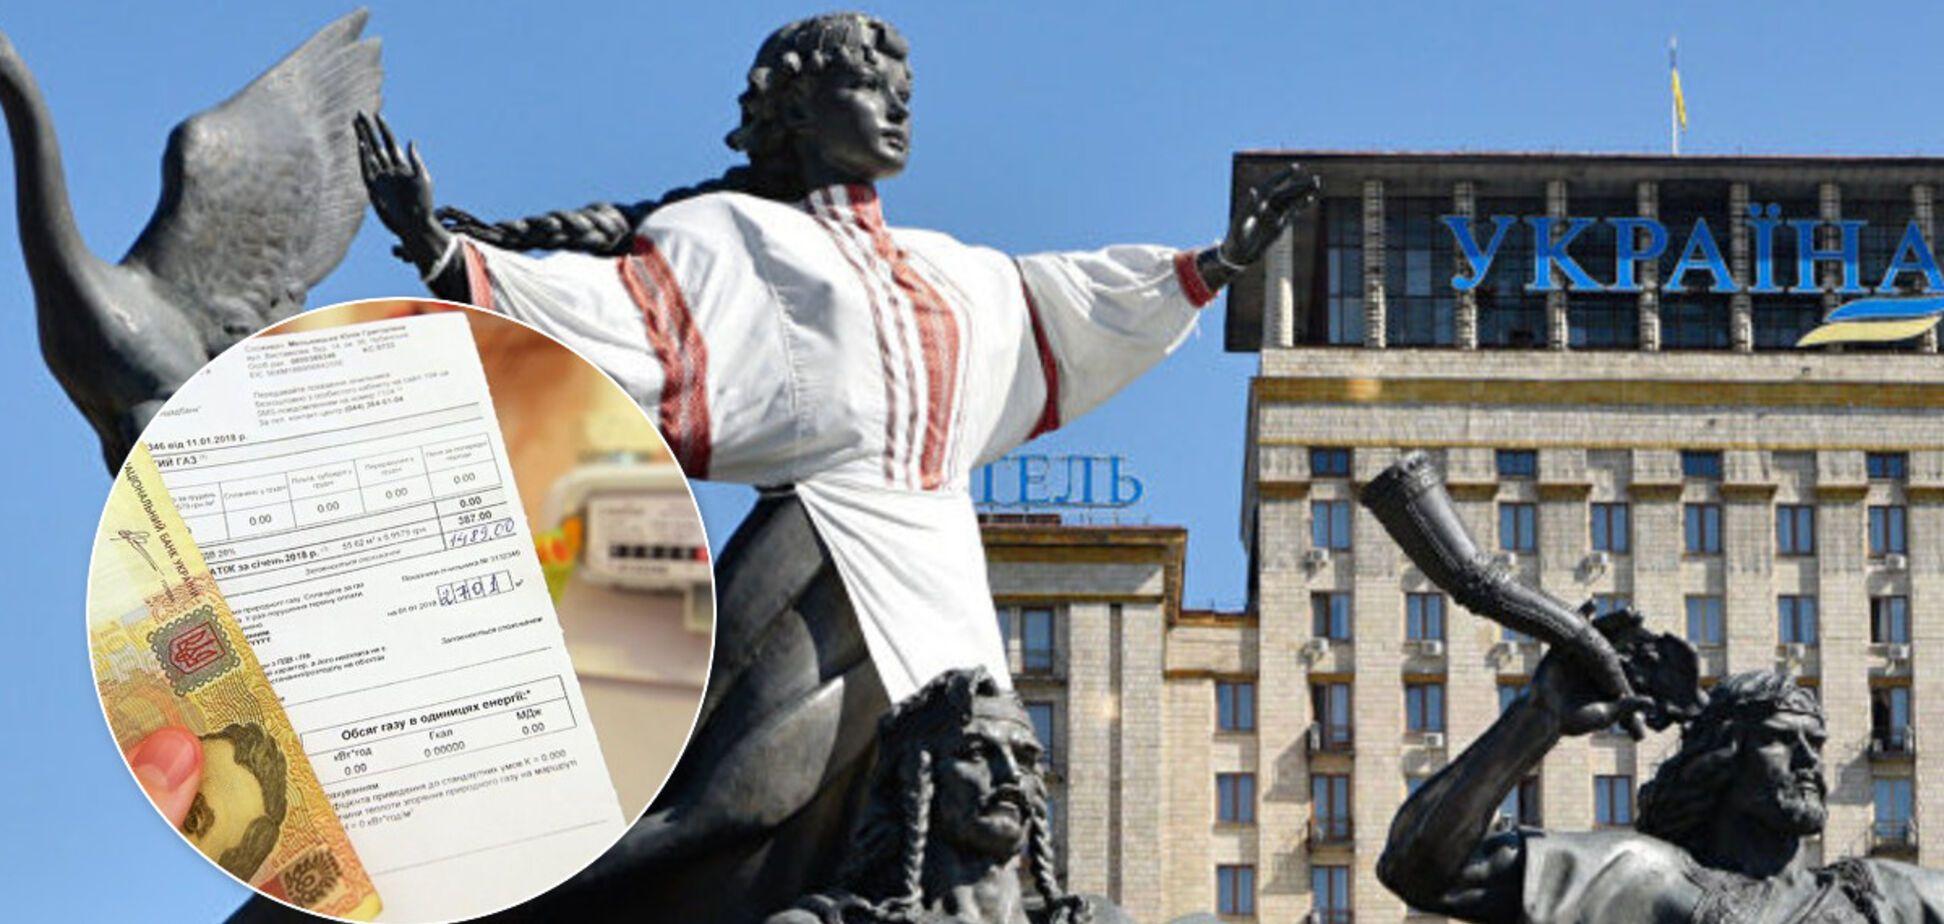 Мільйони зостануться без зарплат, долар подорожчає, а ціна на газ впаде: що чекає на українців у квітні